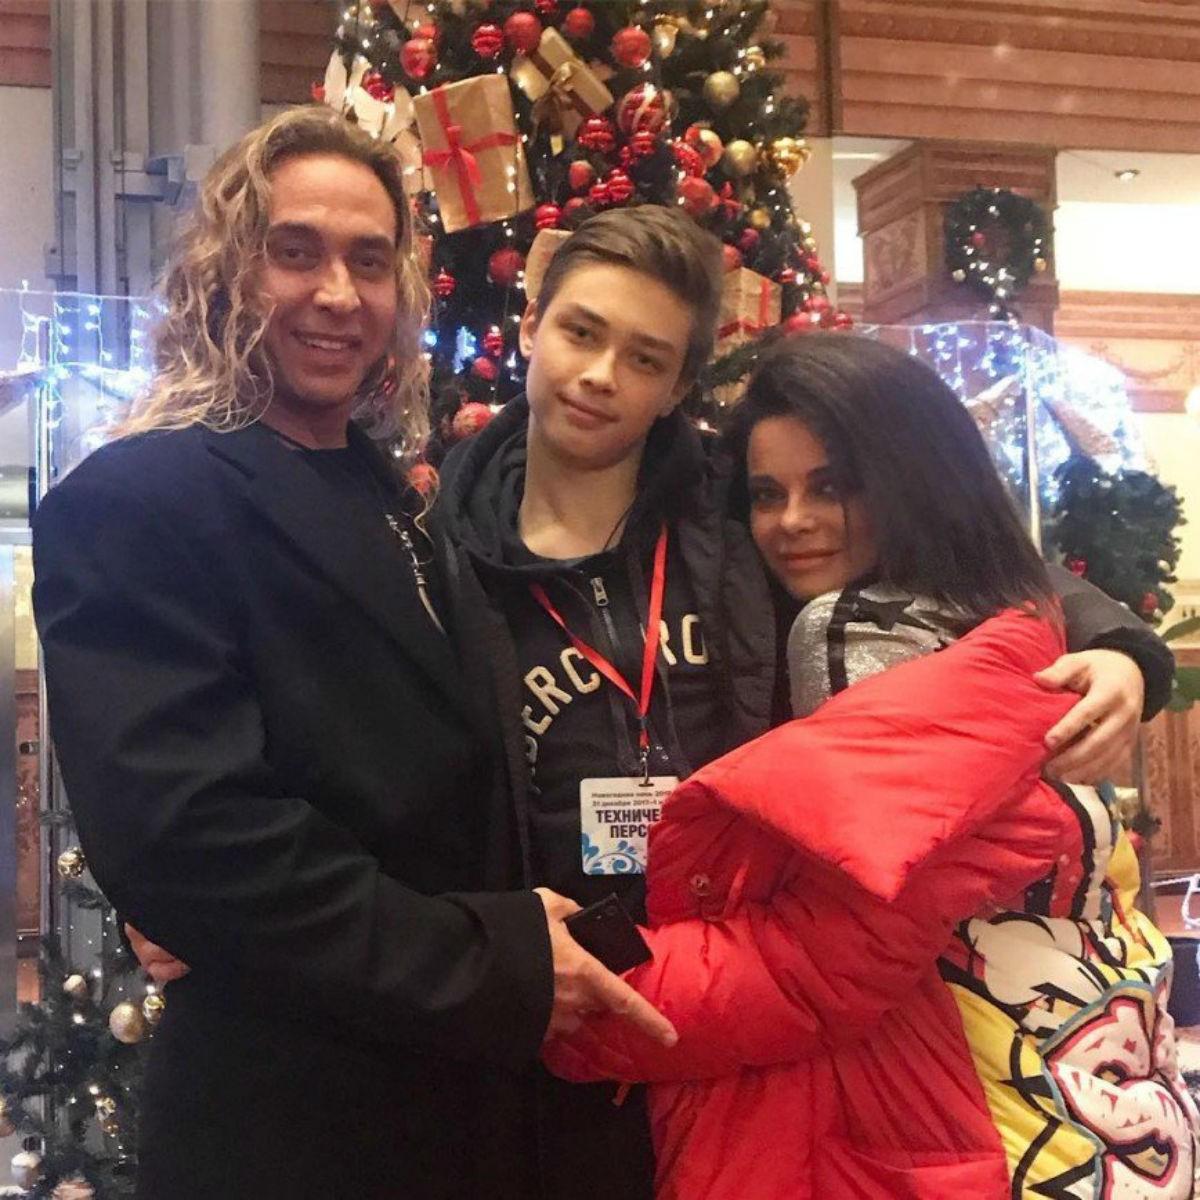 Наташа Королева опубликовала фото с сыном